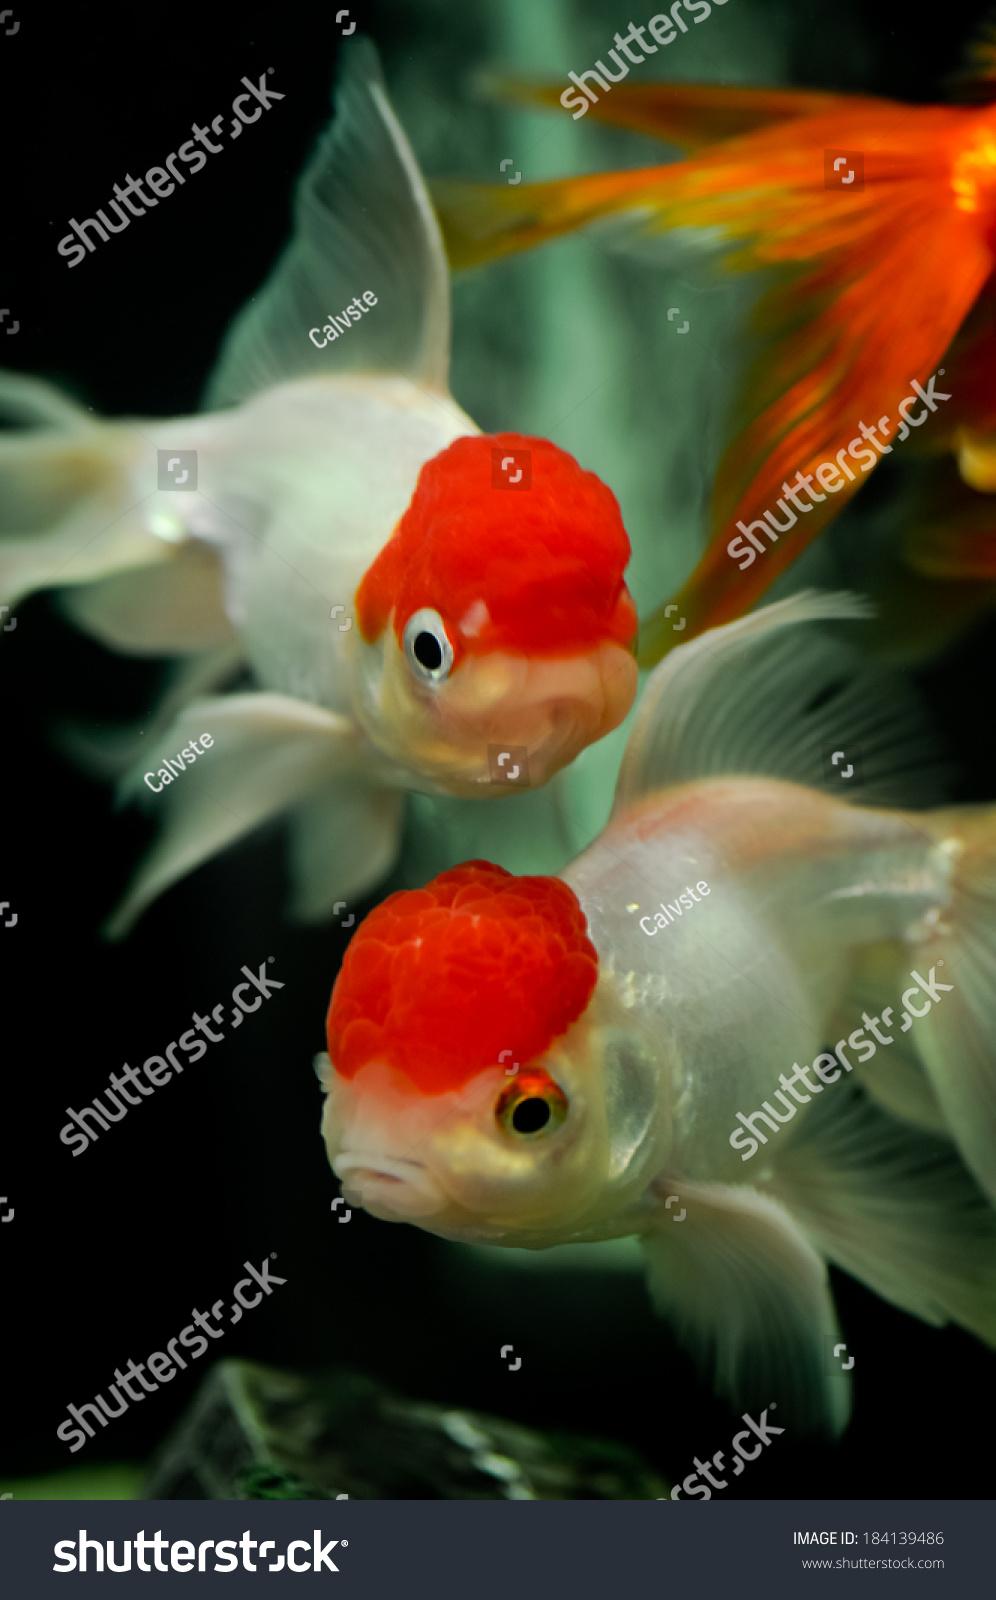 Red Cap Oranda Goldfish Close Fish Stock Photo (Edit Now) 184139486 ...